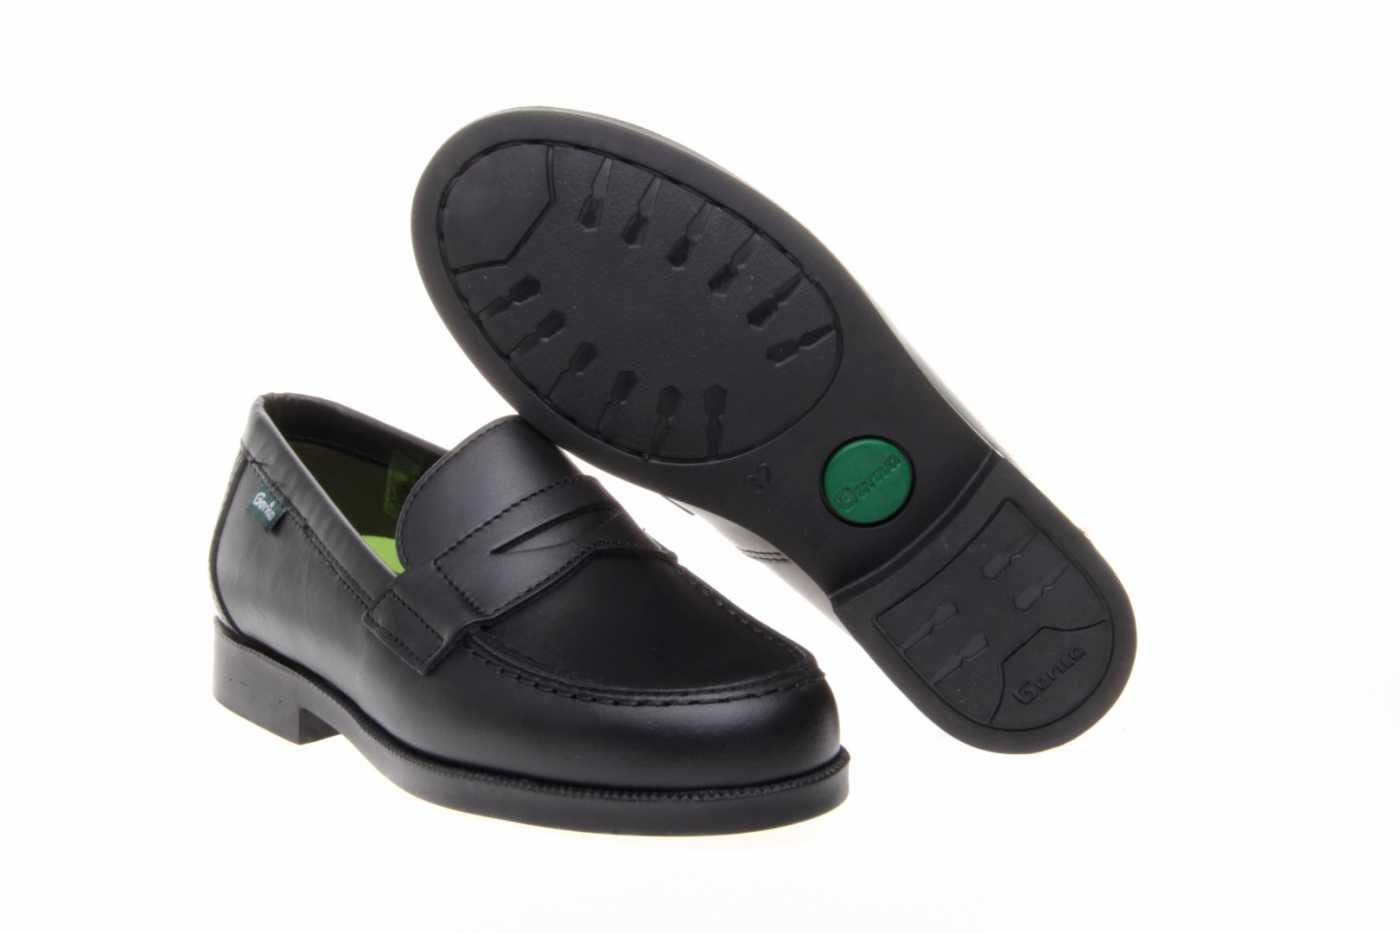 bc275fdafa7 Comprar zapato tipo JOVEN NIÑO estilo MOCASIN COLOR NEGRO PIEL ...